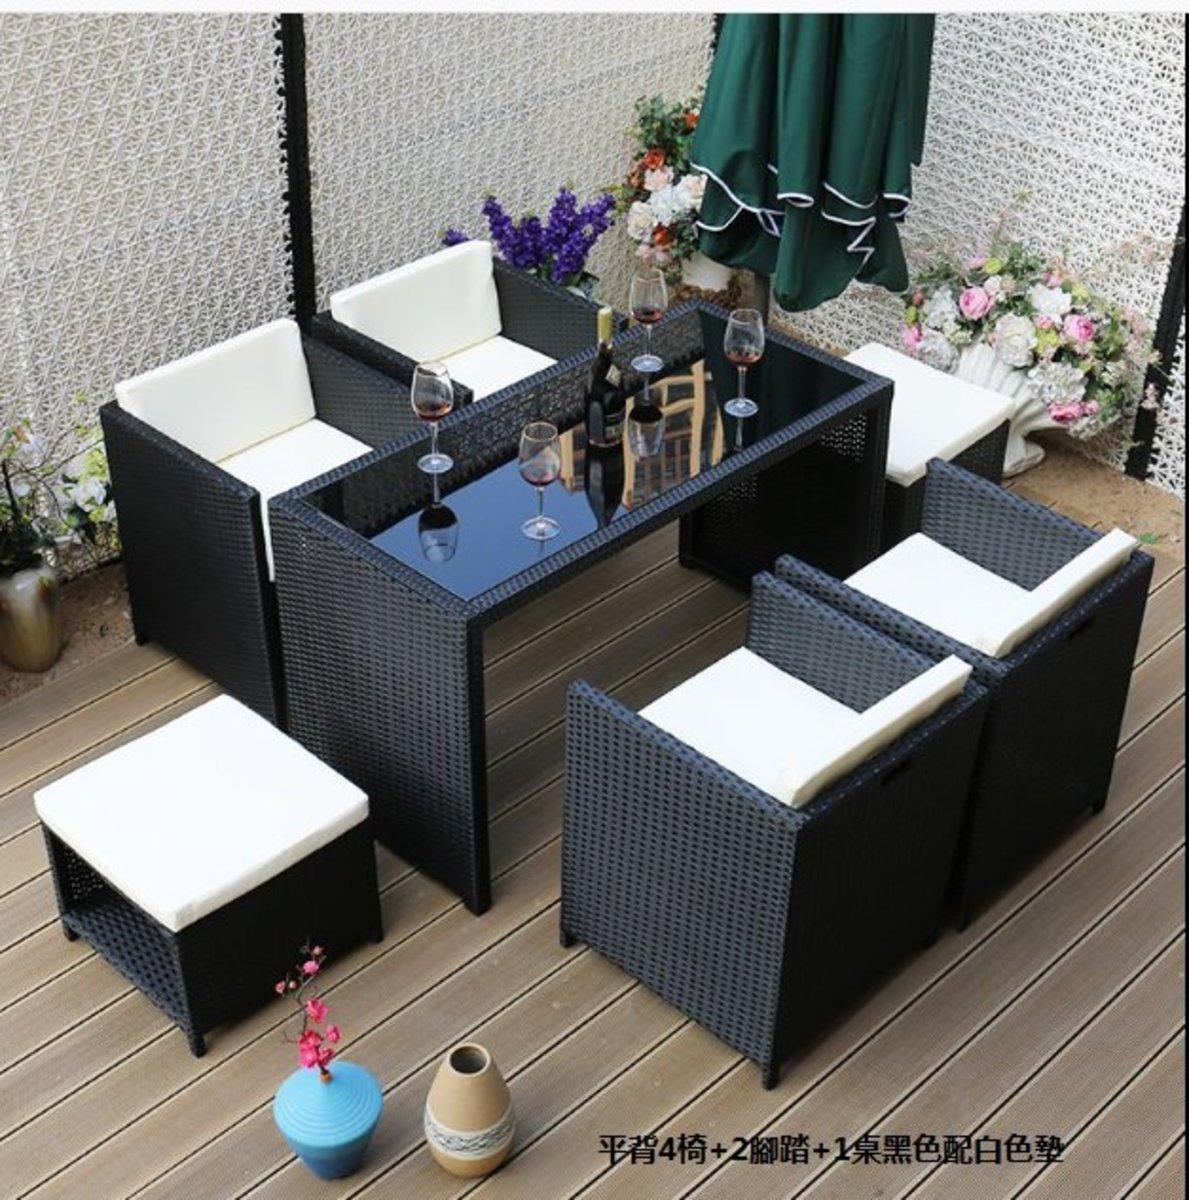 簡約家用收納北歐藤桌椅(平背4椅+2腳踏+1桌黑色配白色墊)